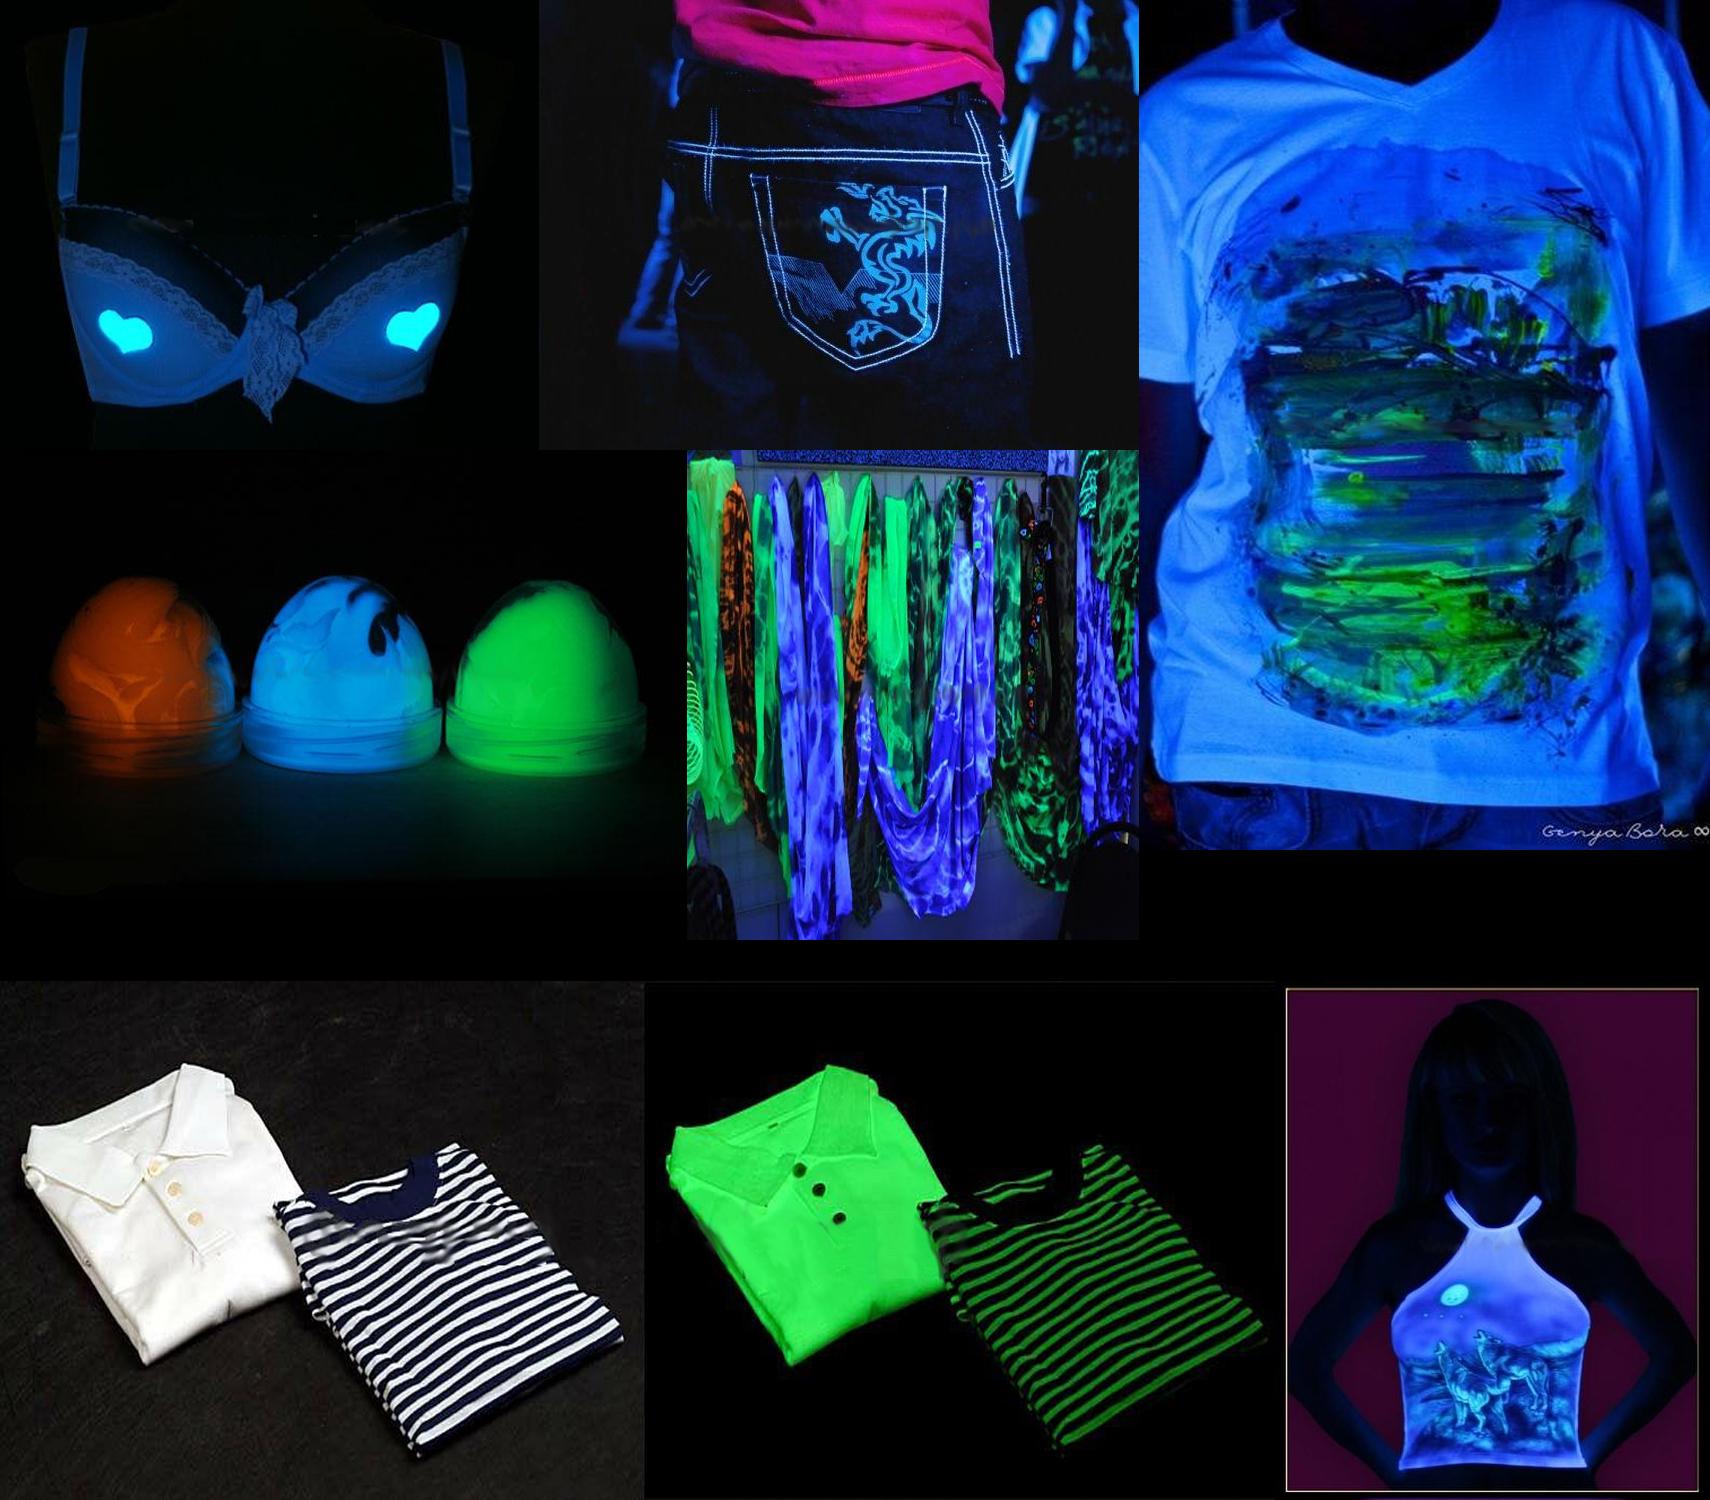 светящиеся краски для ткани